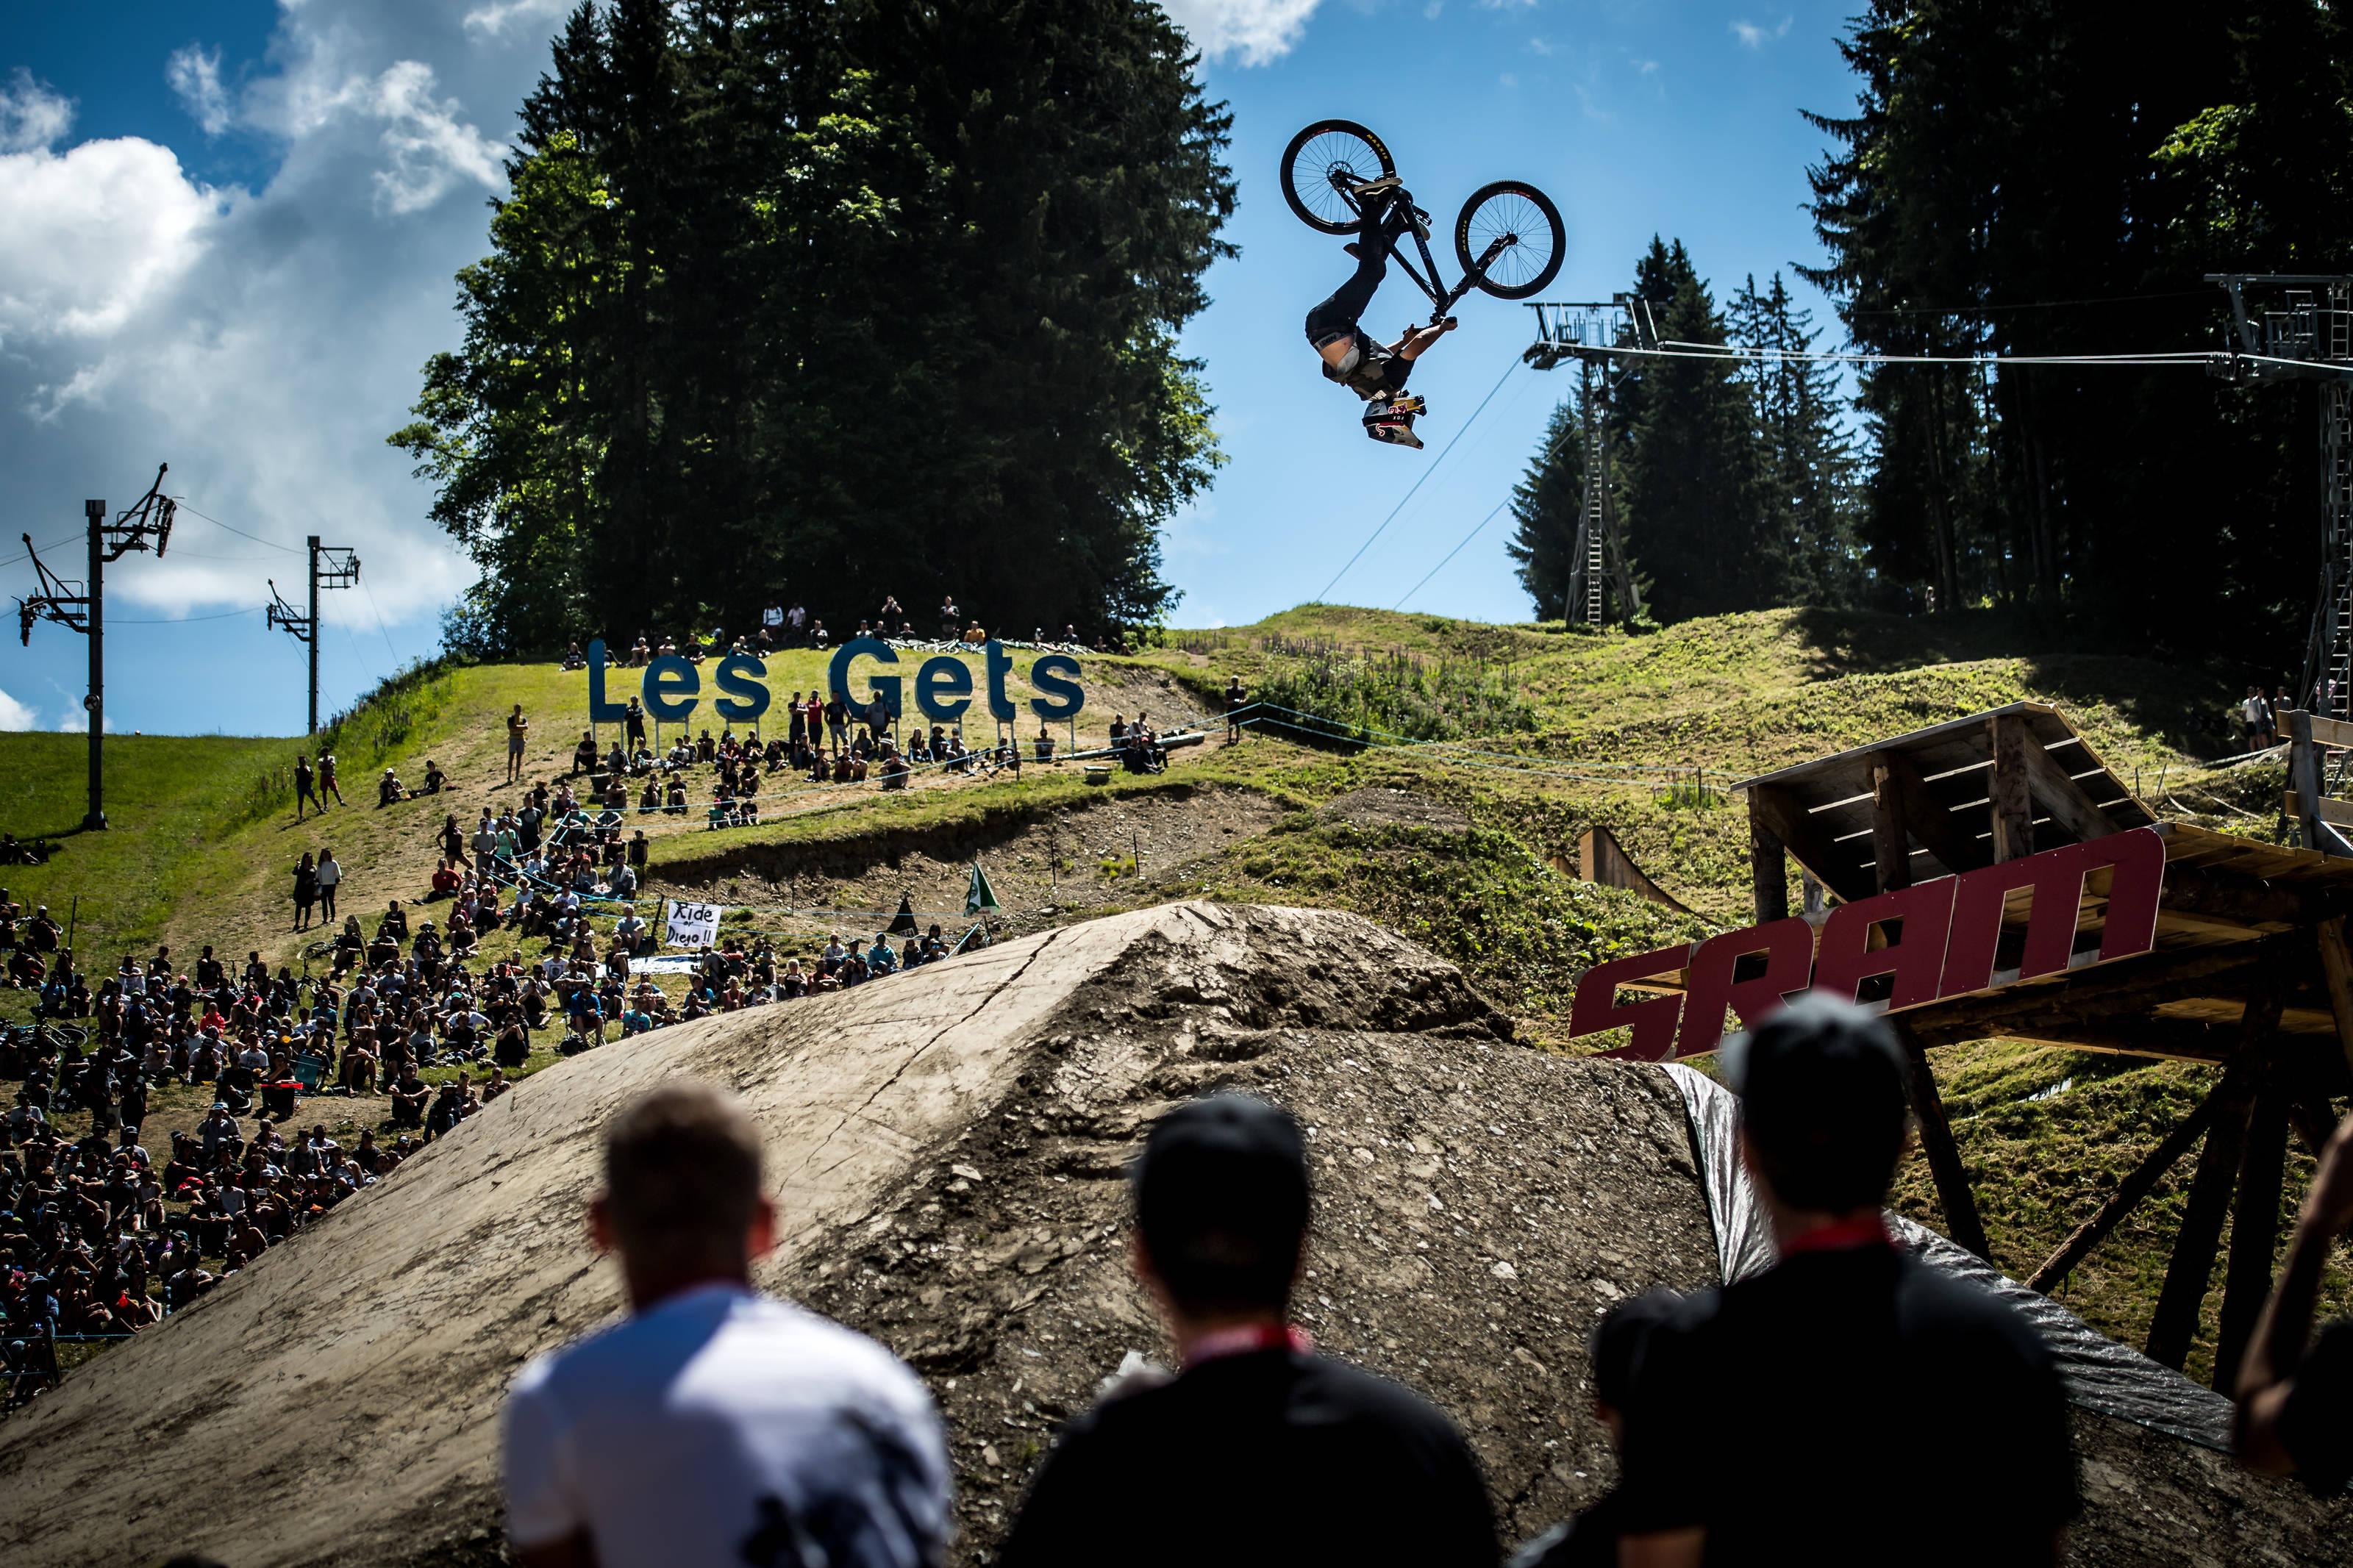 Puchar Świata w kolarstwie górskim w Les Gets (Francja) – kiedy i gdzie oglądać?